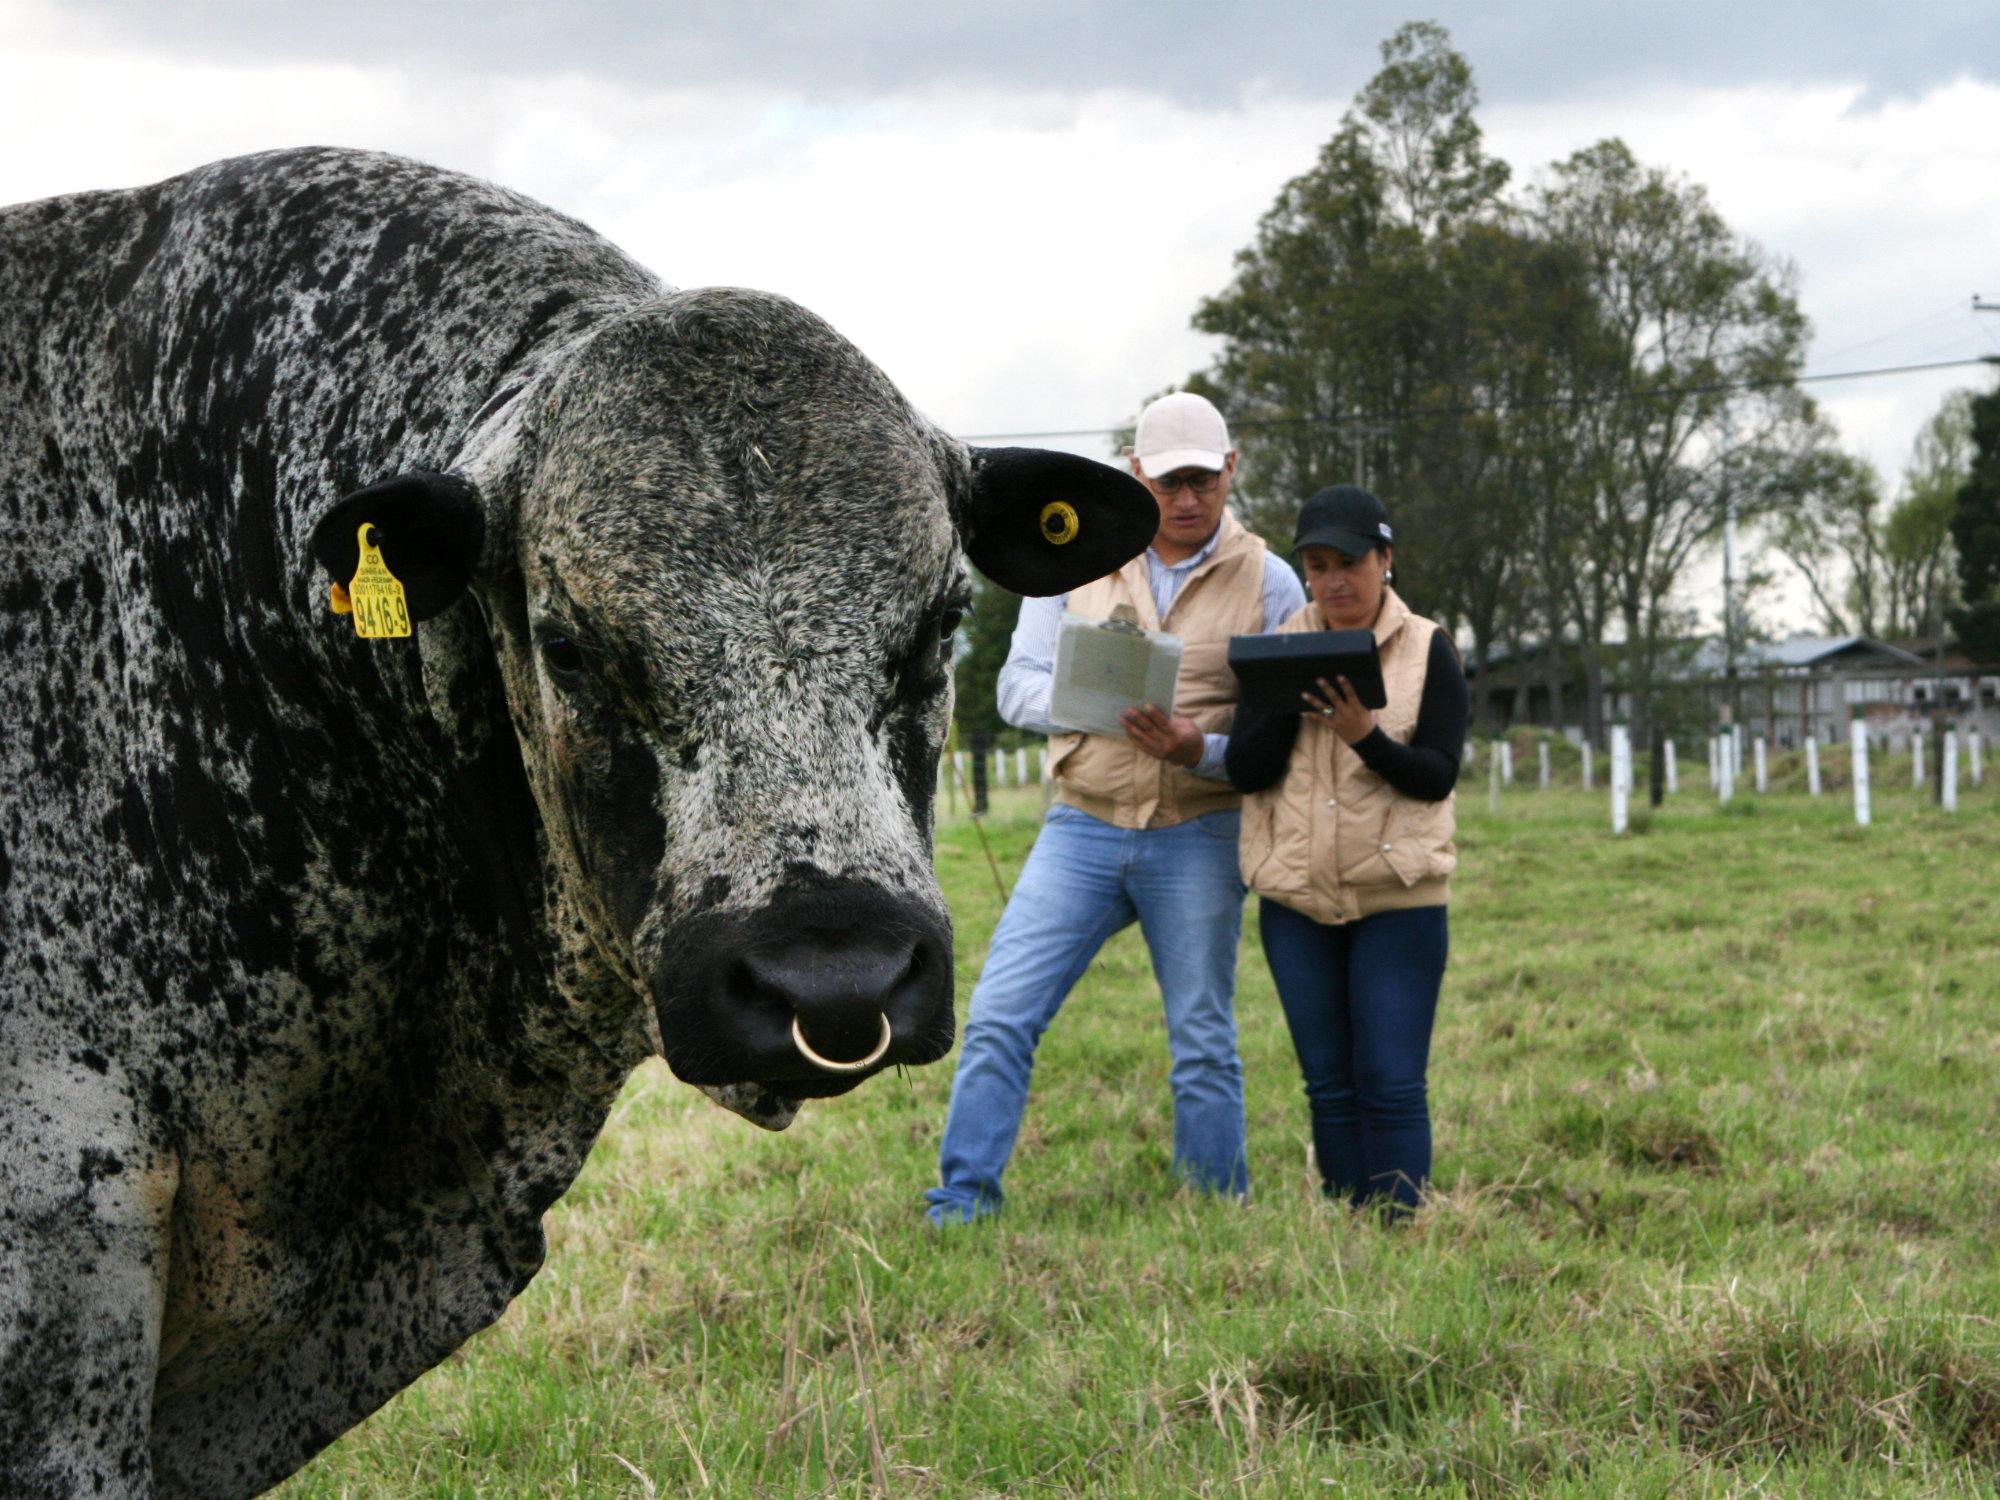 Oferta de formación complementaria para los Extensionistas Agropecuarios